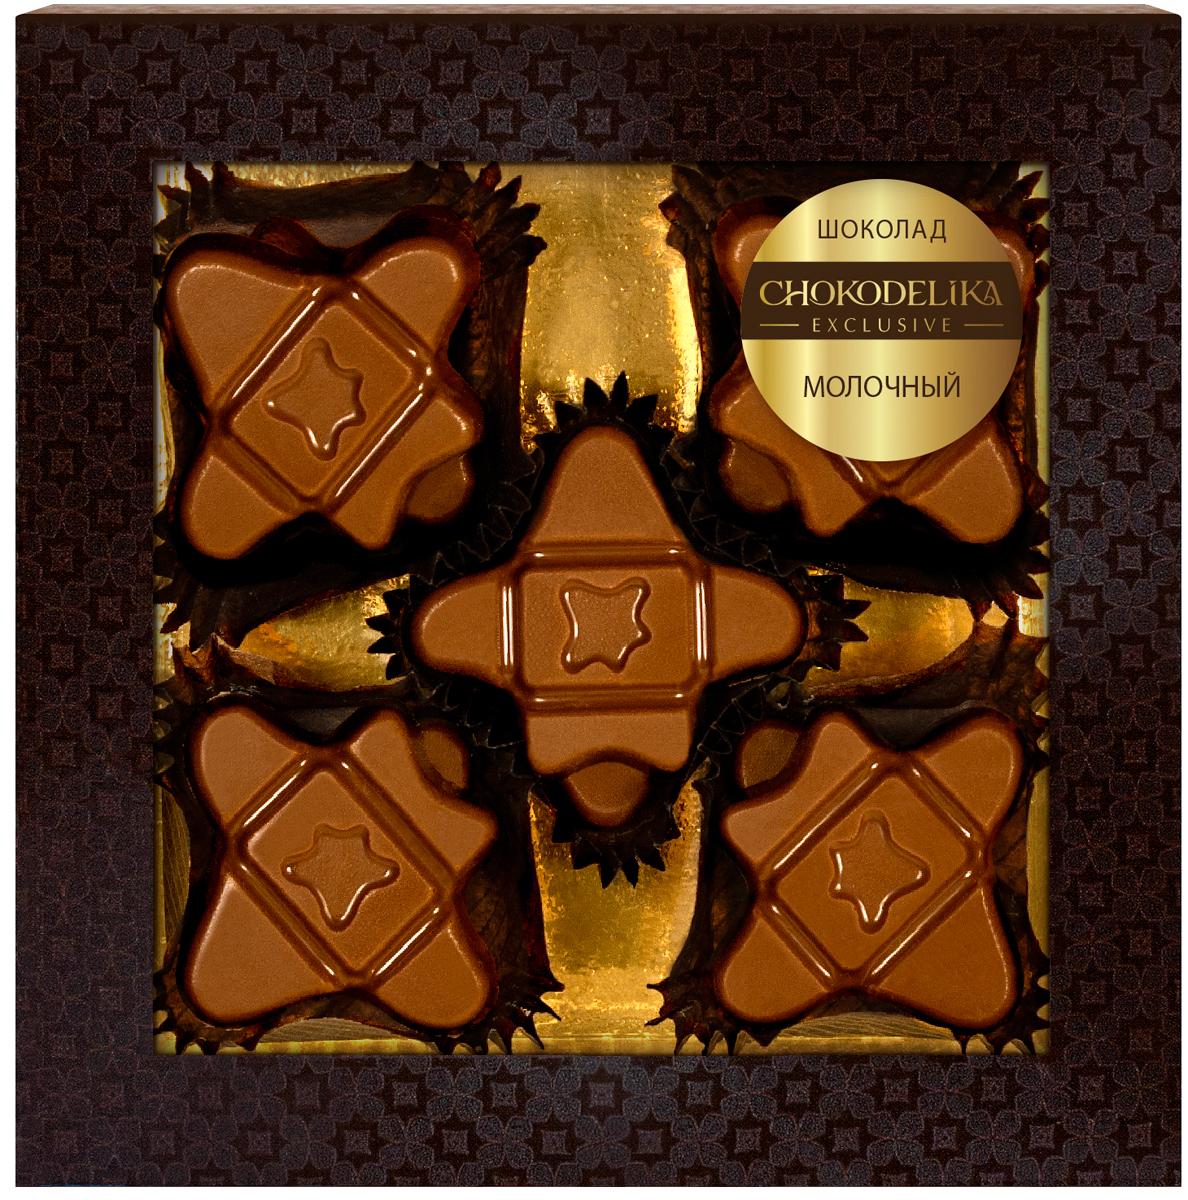 Шоколад вкусовой Молочный Chokodelika, 60 г цены онлайн